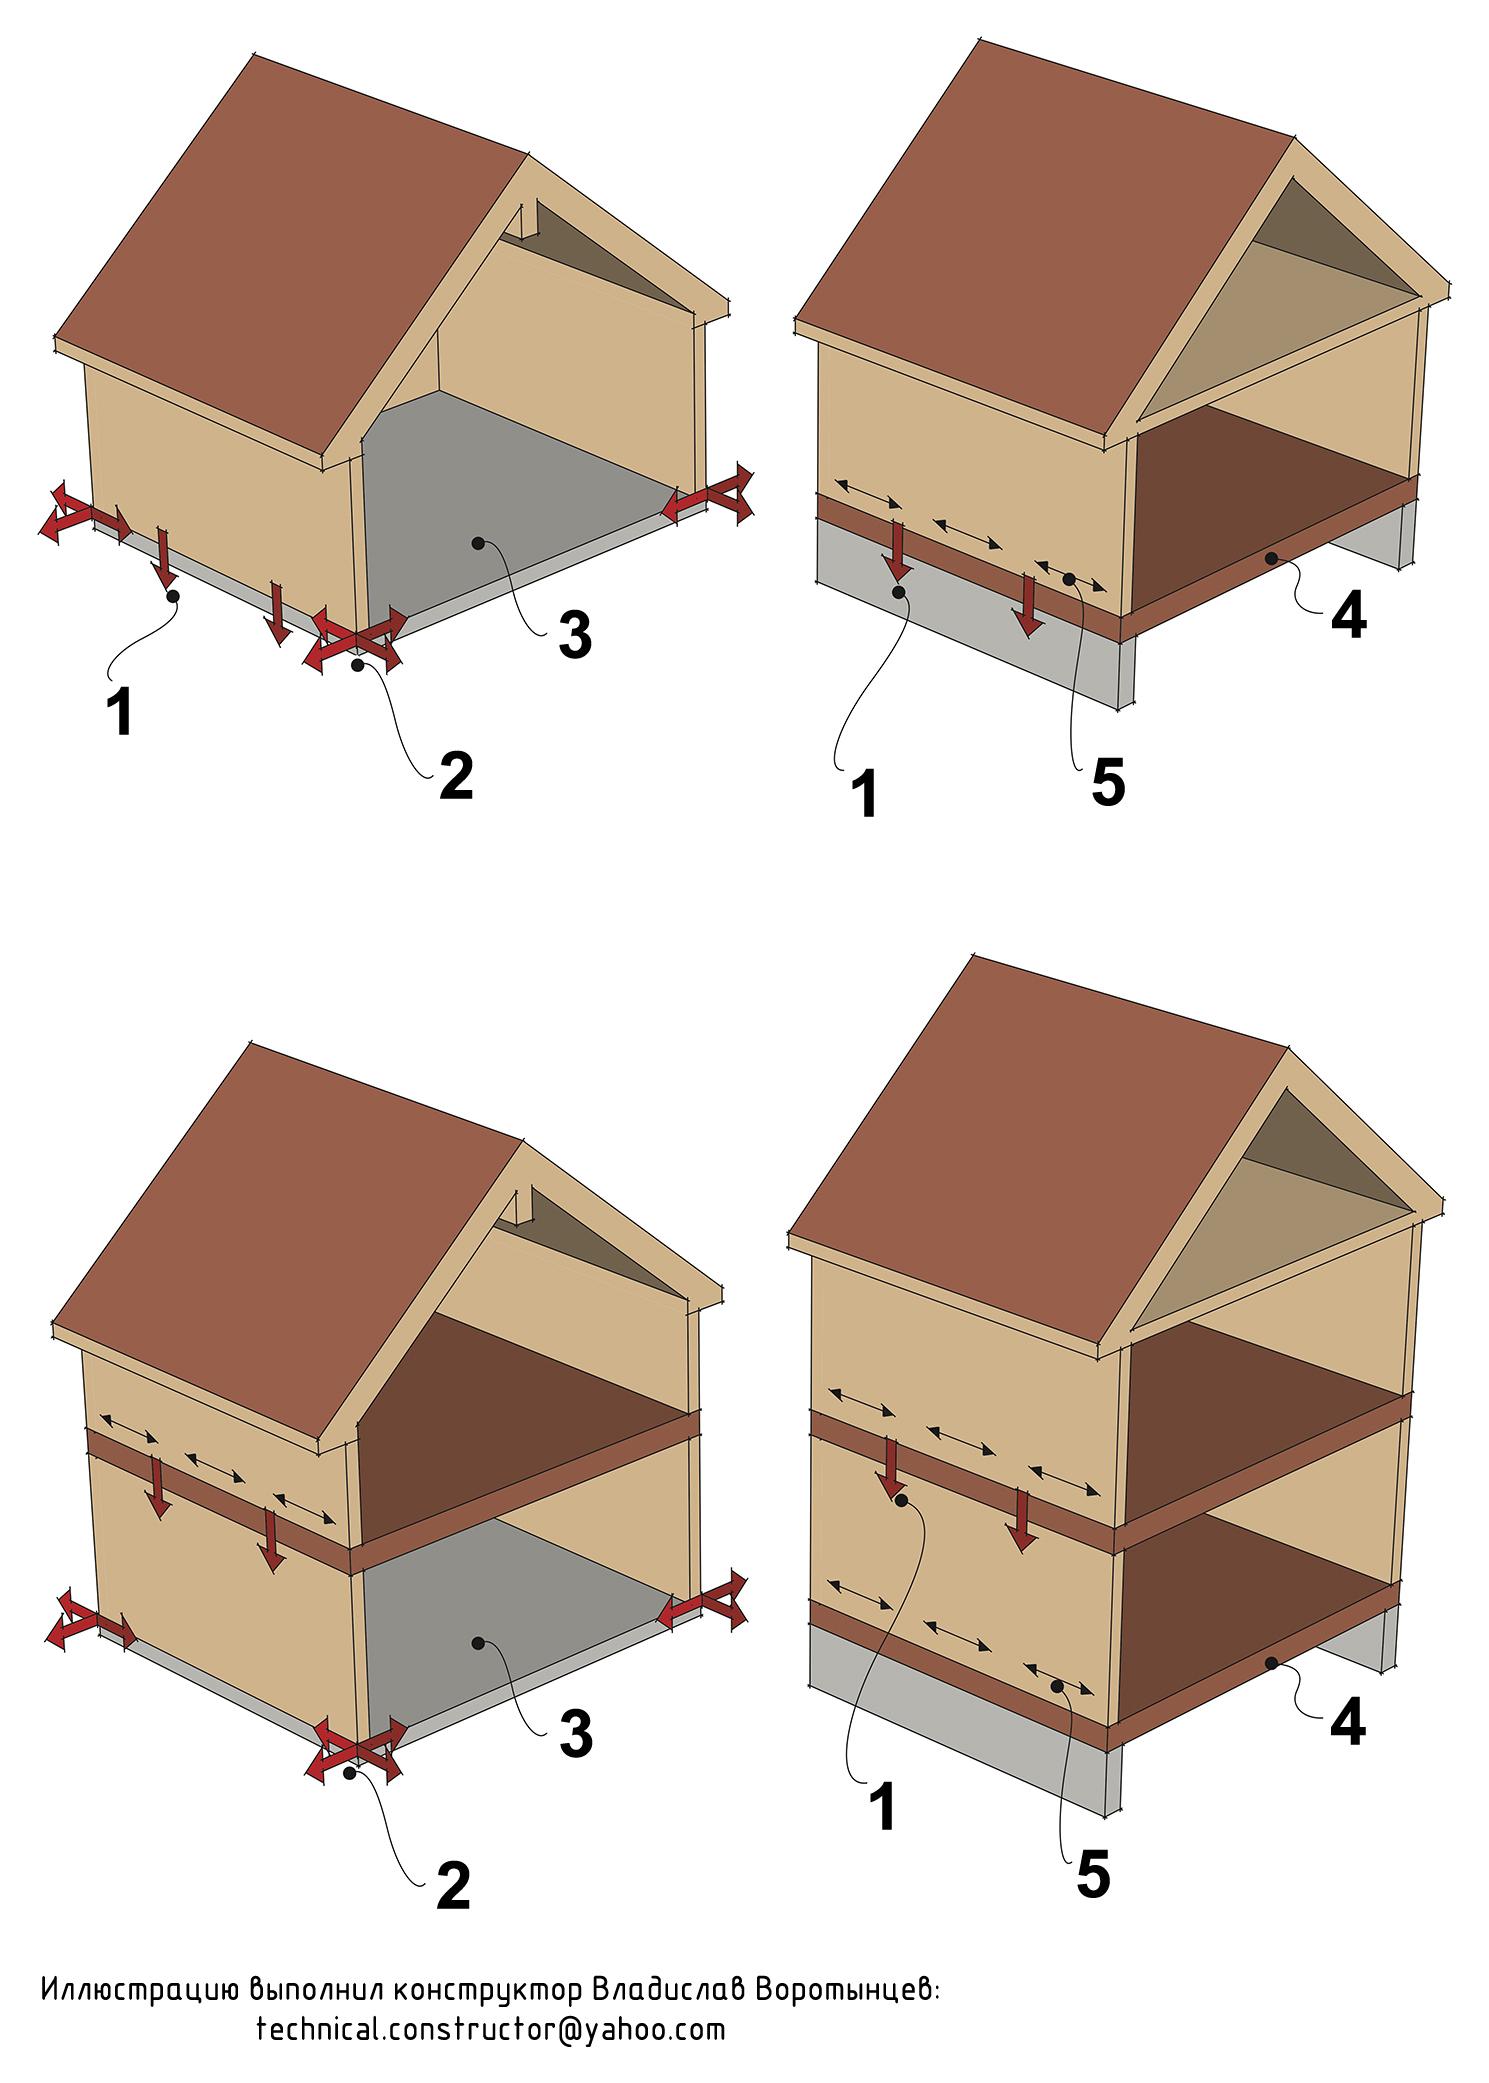 Рис. 9.32 Анкеровка наружных стен одноэтажного и двухэтажного дома для противодействия вертикальным и горизонтальным силам. Расчёт анкеровки ограждающих конструкций деревянного каркасного дома